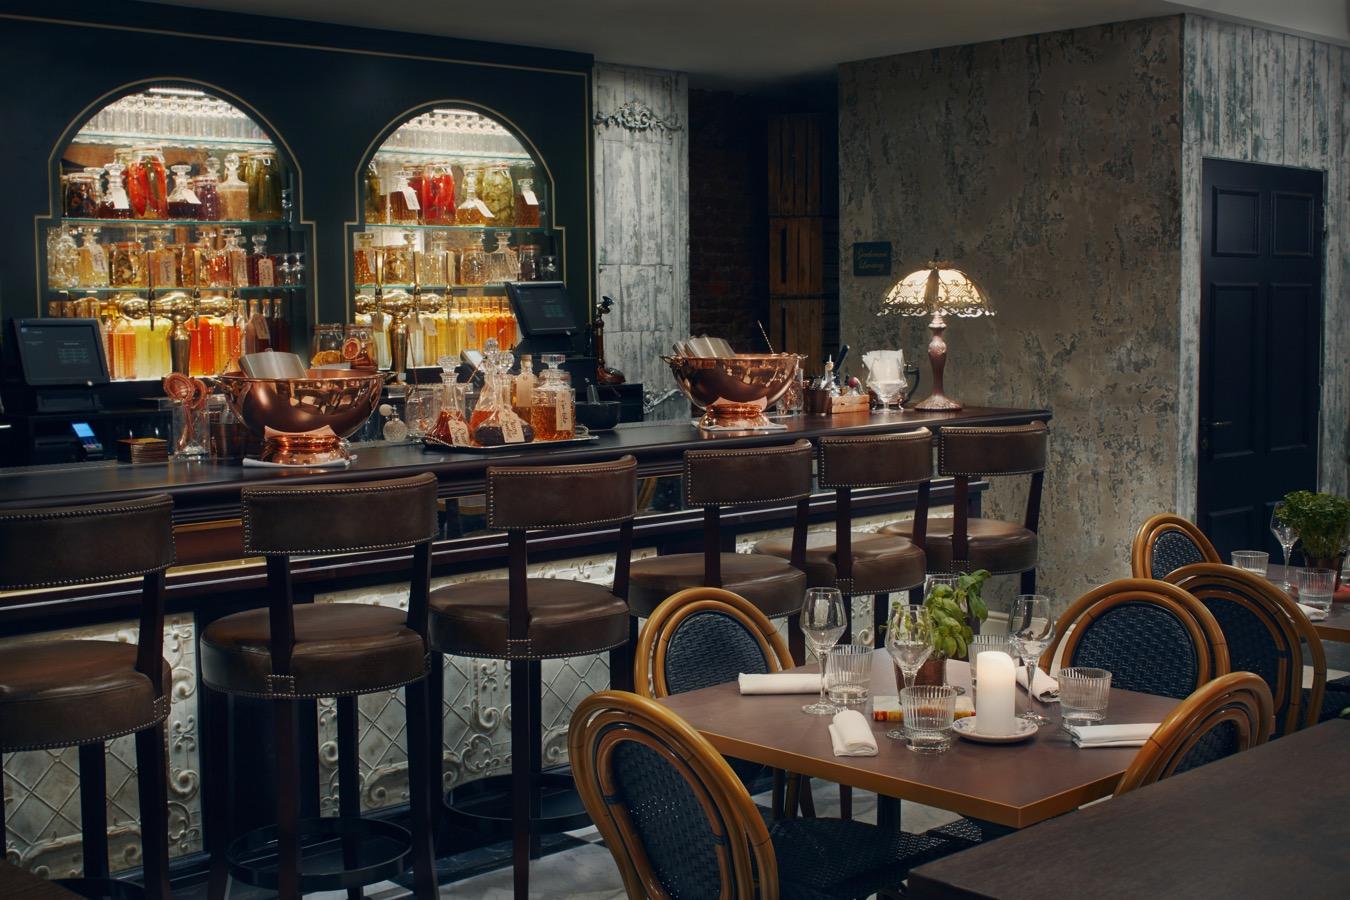 Six Storeys interior, seating at the bar